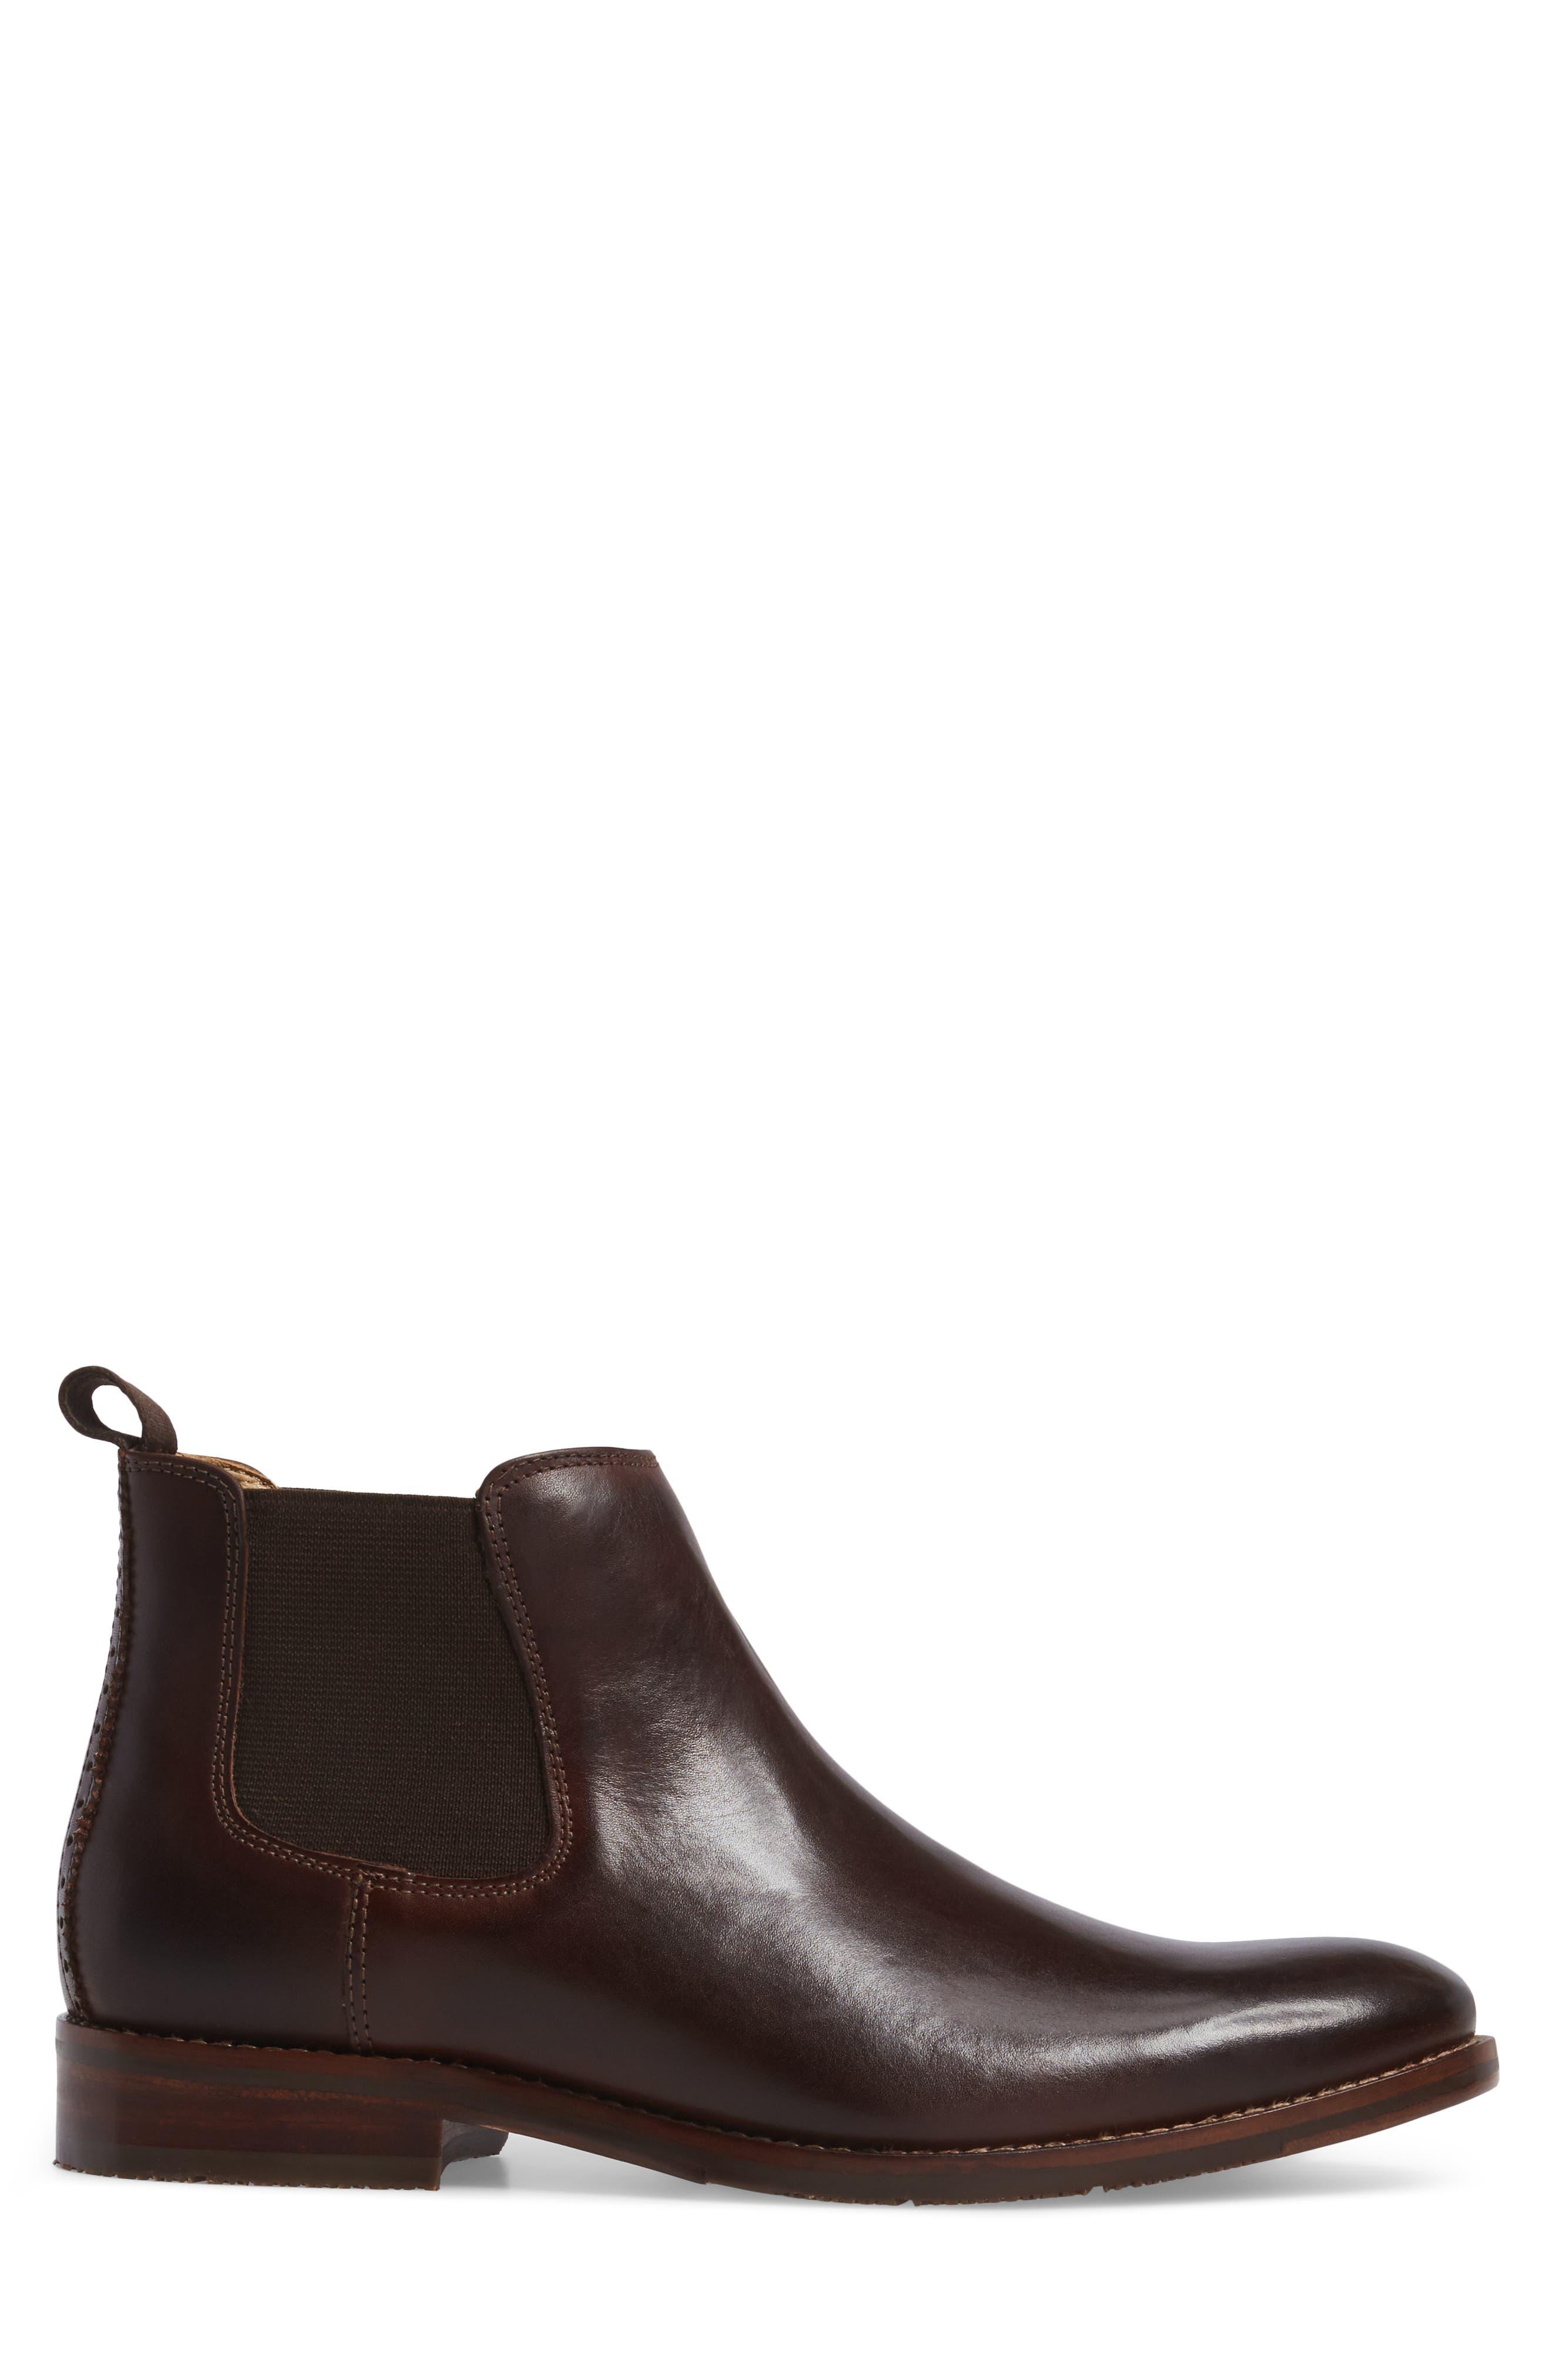 Garner Chelsea Boot,                             Alternate thumbnail 8, color,